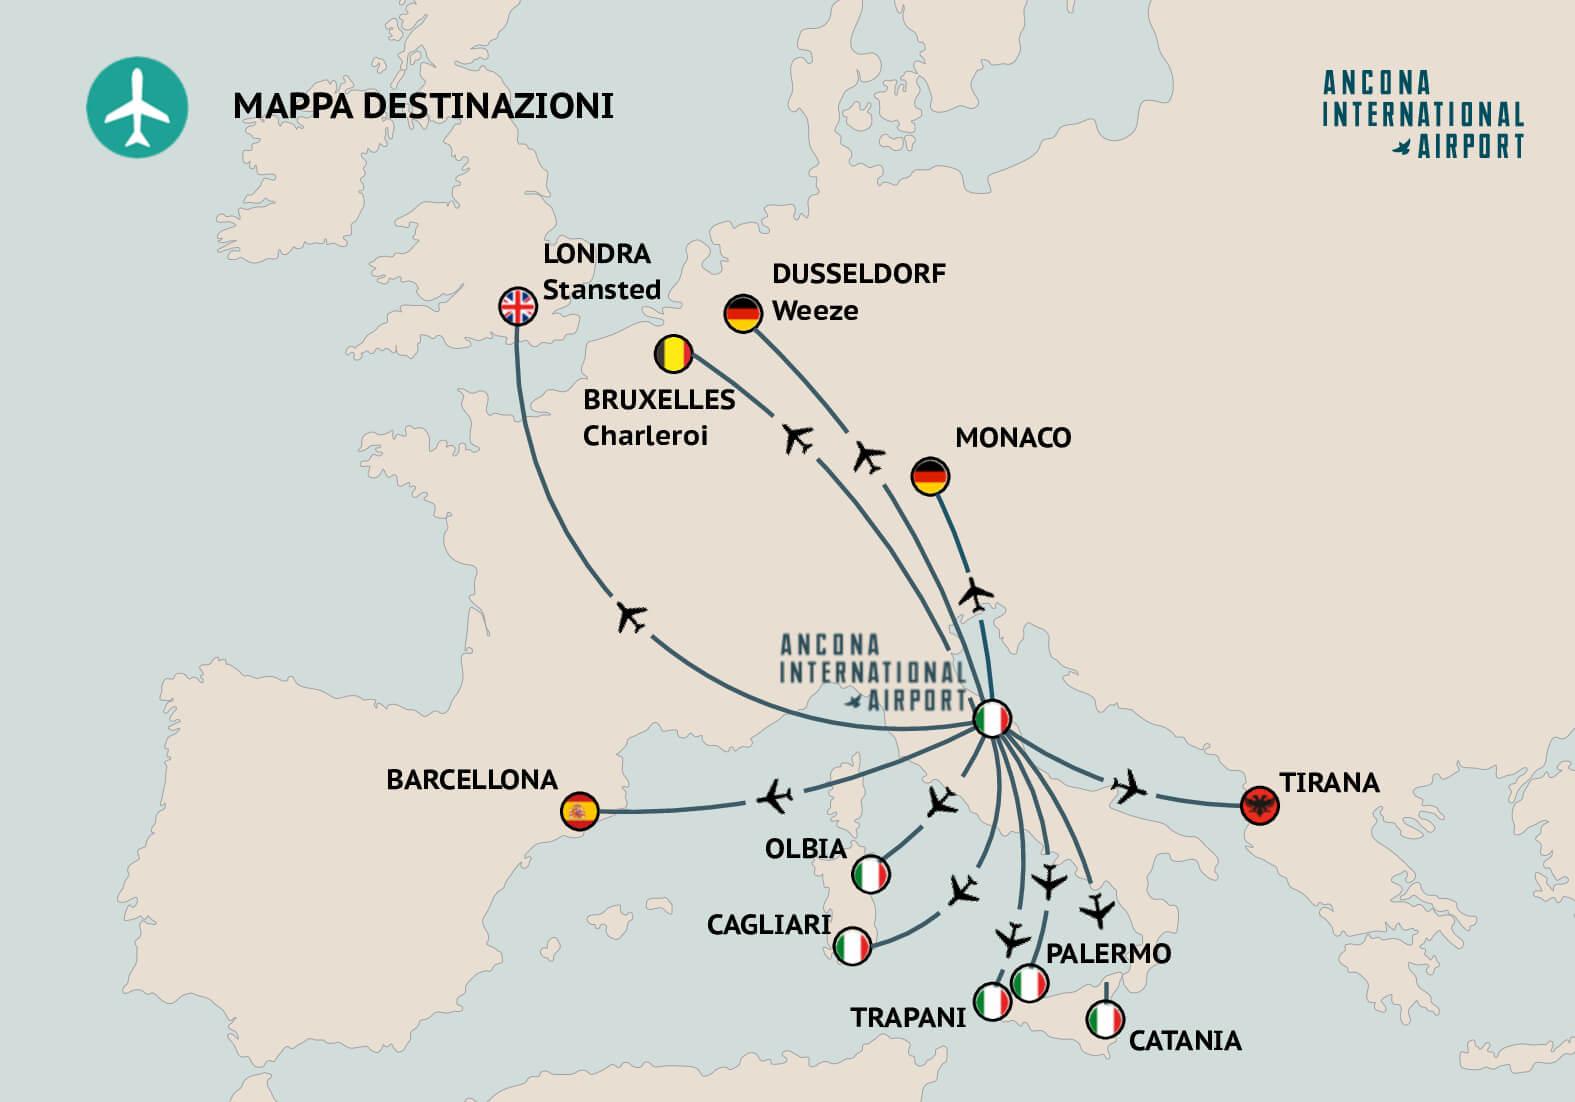 mappa-destinazioni-aeroporto-ancona